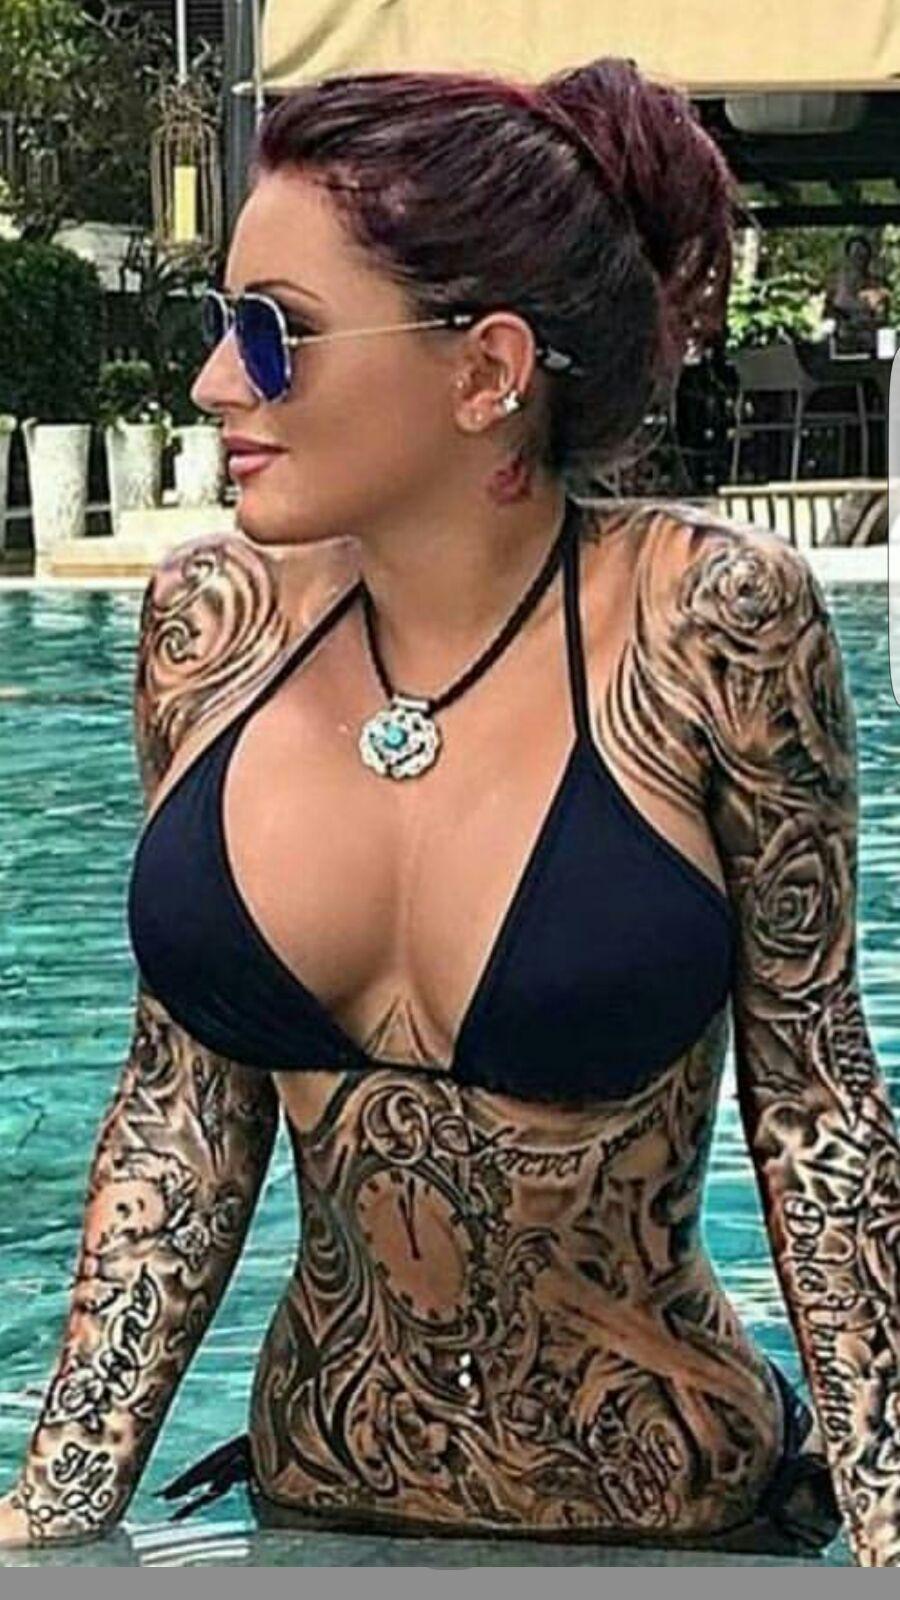 вεαυтιғυℓ αɴgεℓ foto sei la pinterest tattoo tatting and body art